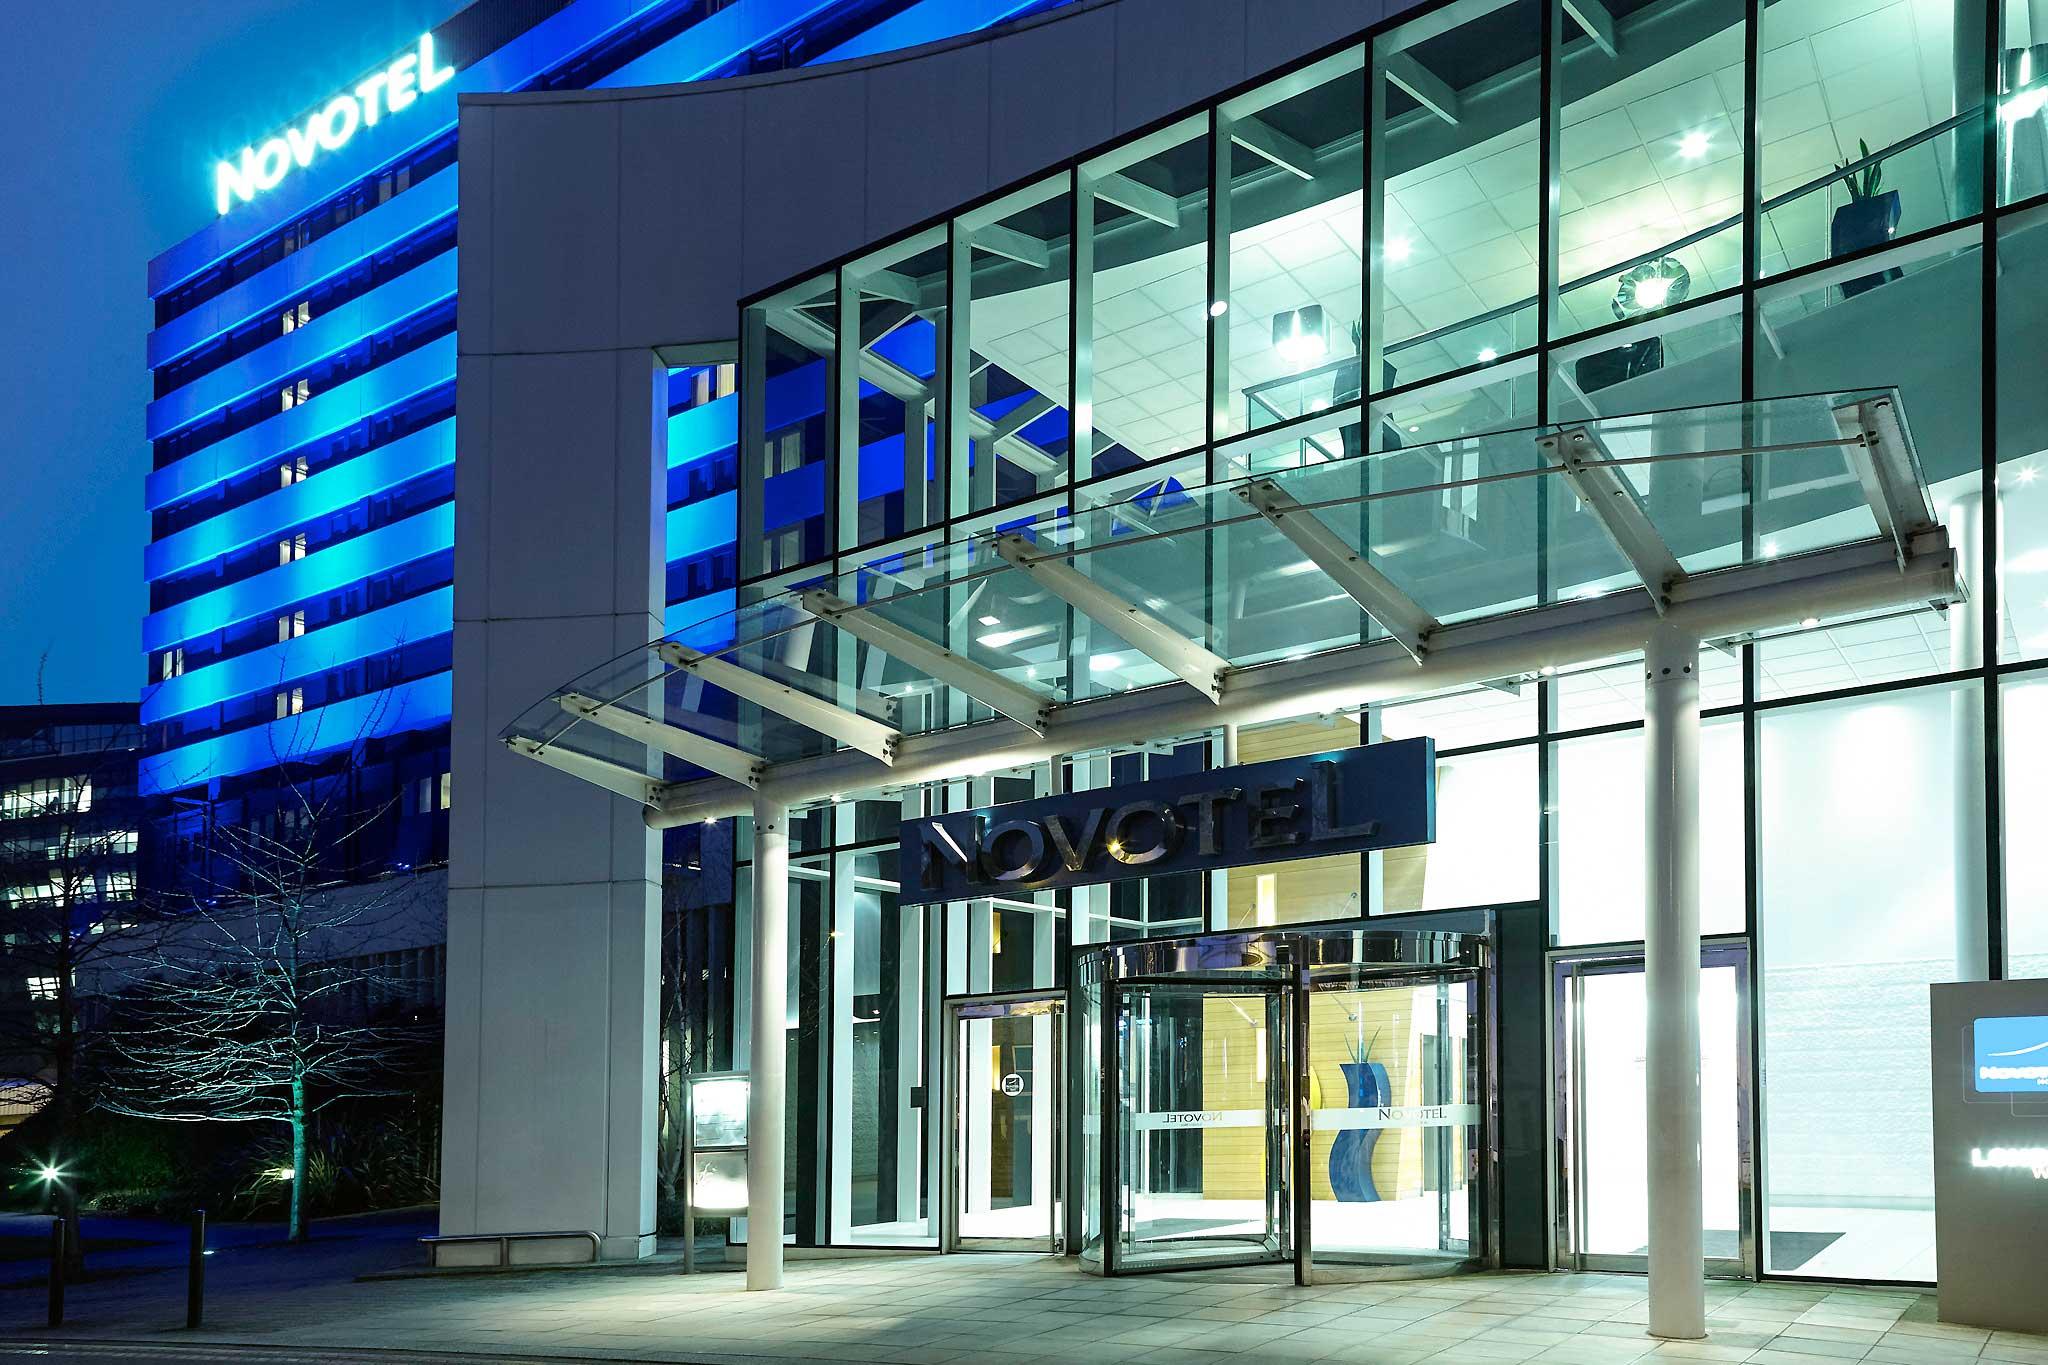 โรงแรม – โนโวเทล ลอนดอน เวสต์